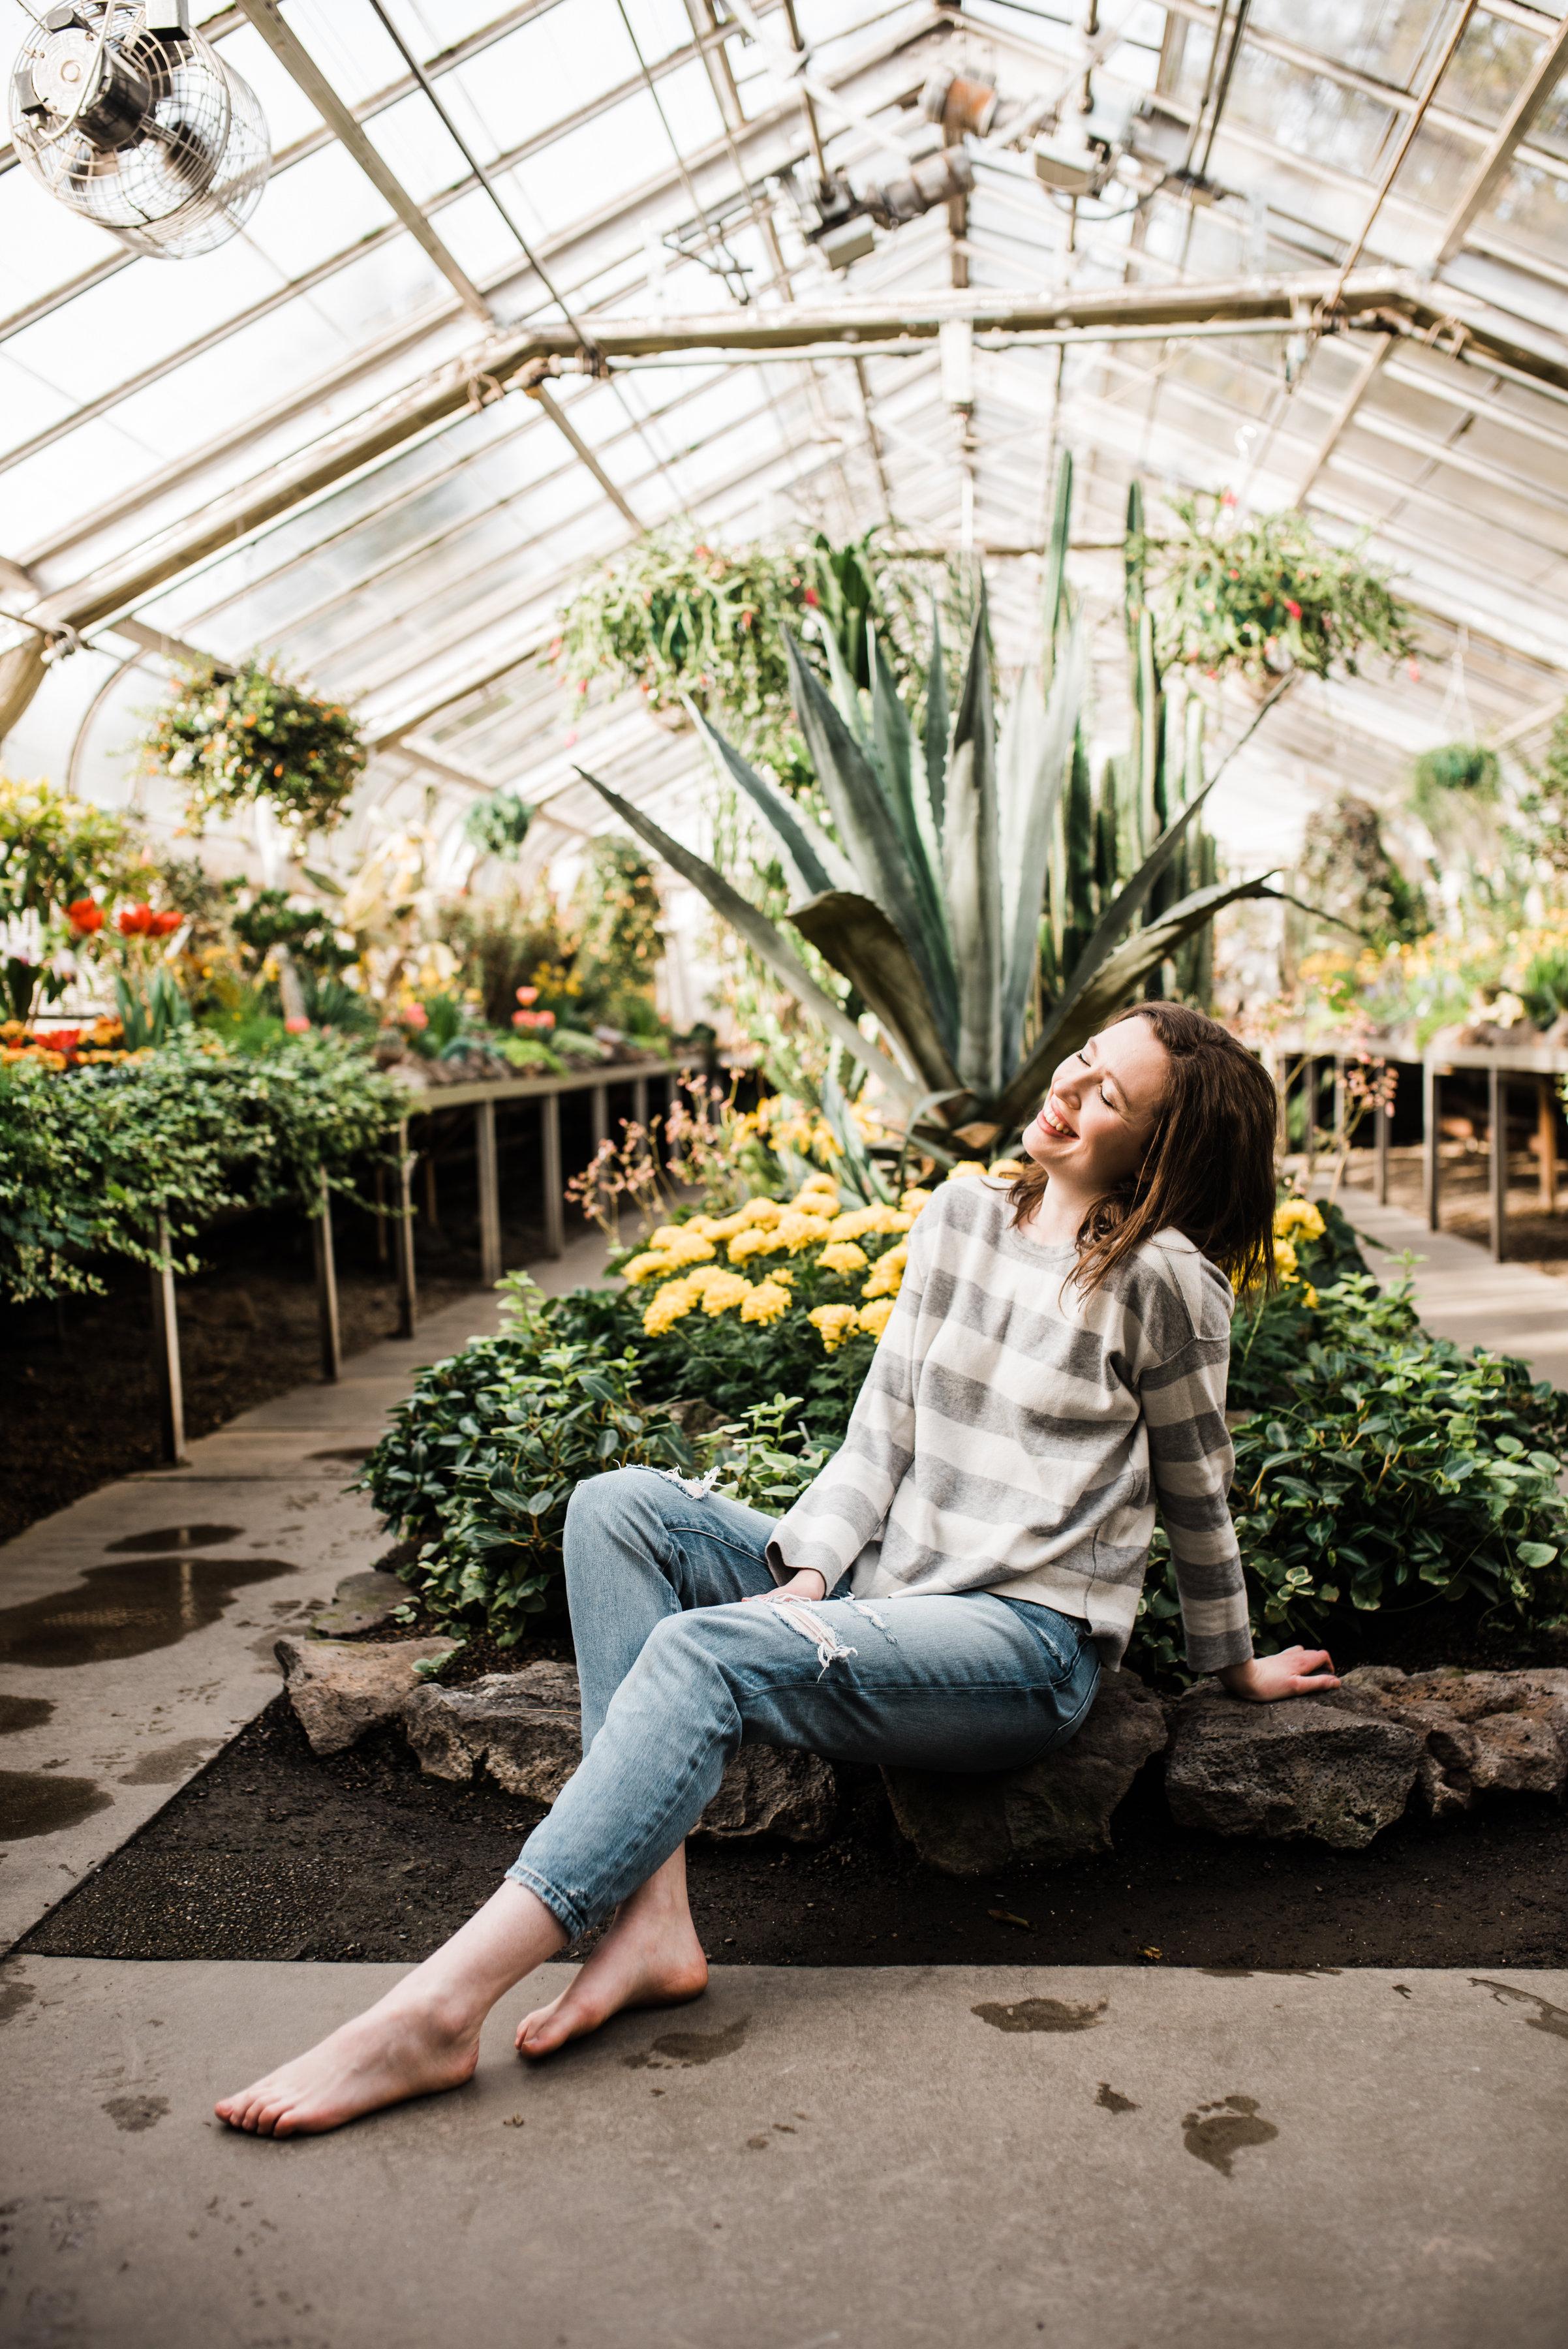 Eileen-Fisher-Reversible-Stripe-Sweater-Able-Boyfriend-Jean-1.jpg